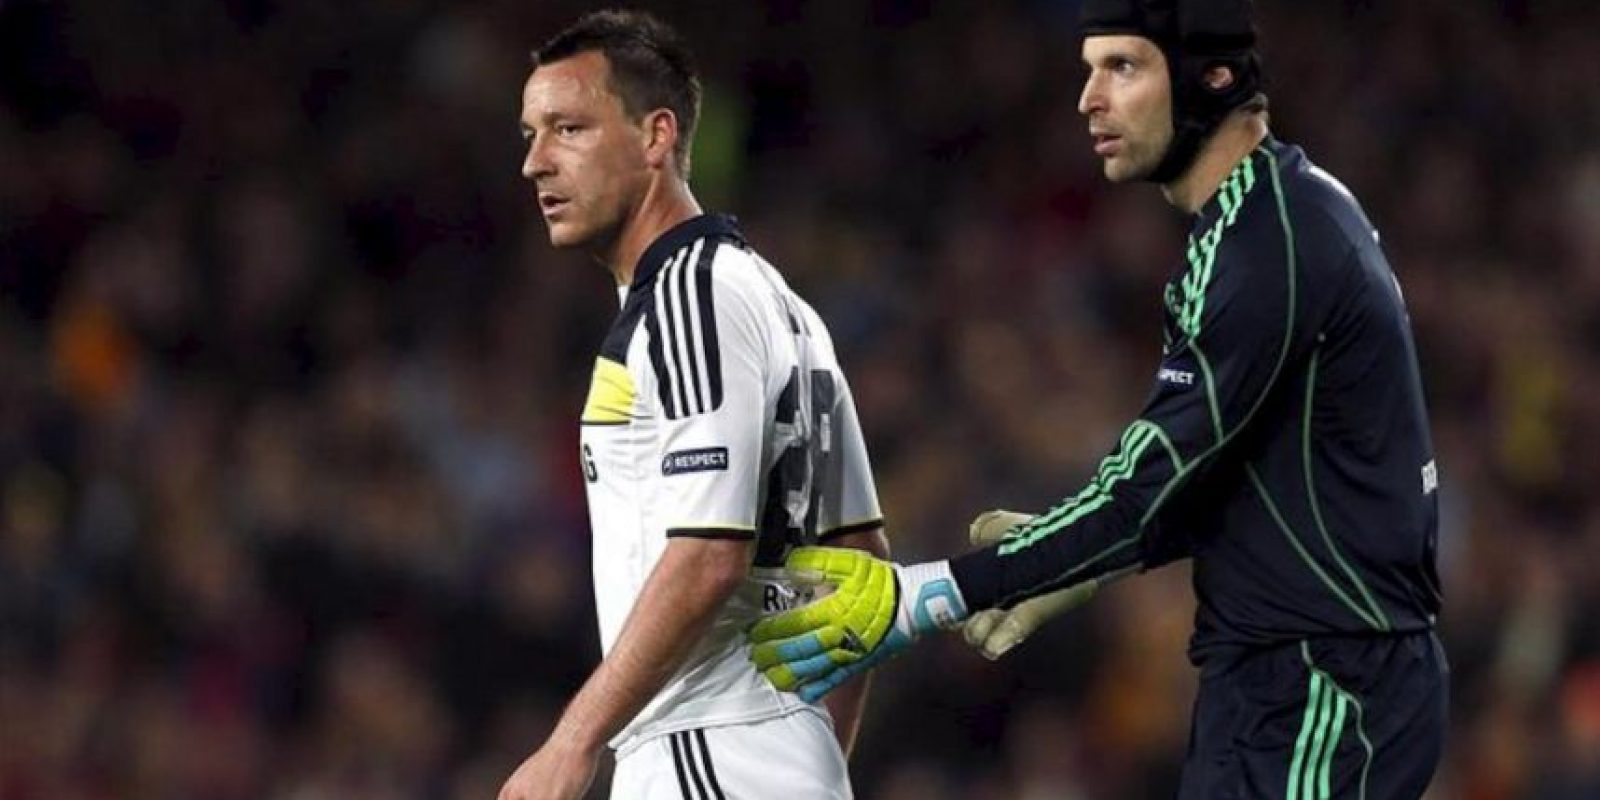 El portero checo del Chelsea, Petr Cech (d), consuela a su compañero John Terry tras ser expulsado, durante el encuentro, correspondiente a la vuelta de las semifinales de la Liga de Campeones, que disputaron FC Barcelona y Chelsea, anoche, en el Camp Nou, en Barcelona. EFE